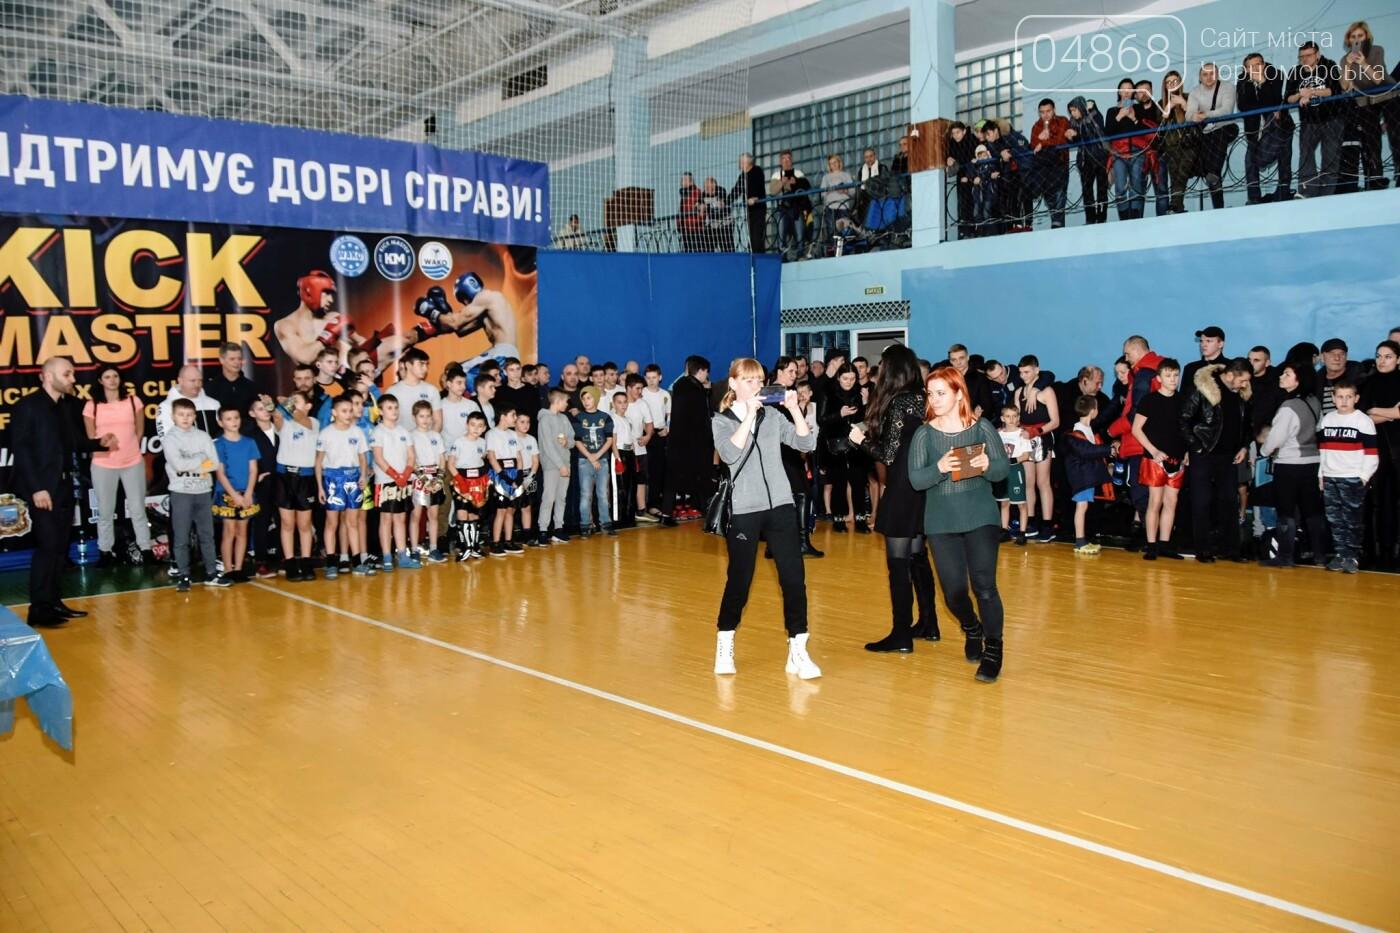 За золотом: в Черноморске прошёл турнир по кикбоксингу (видео), фото-6